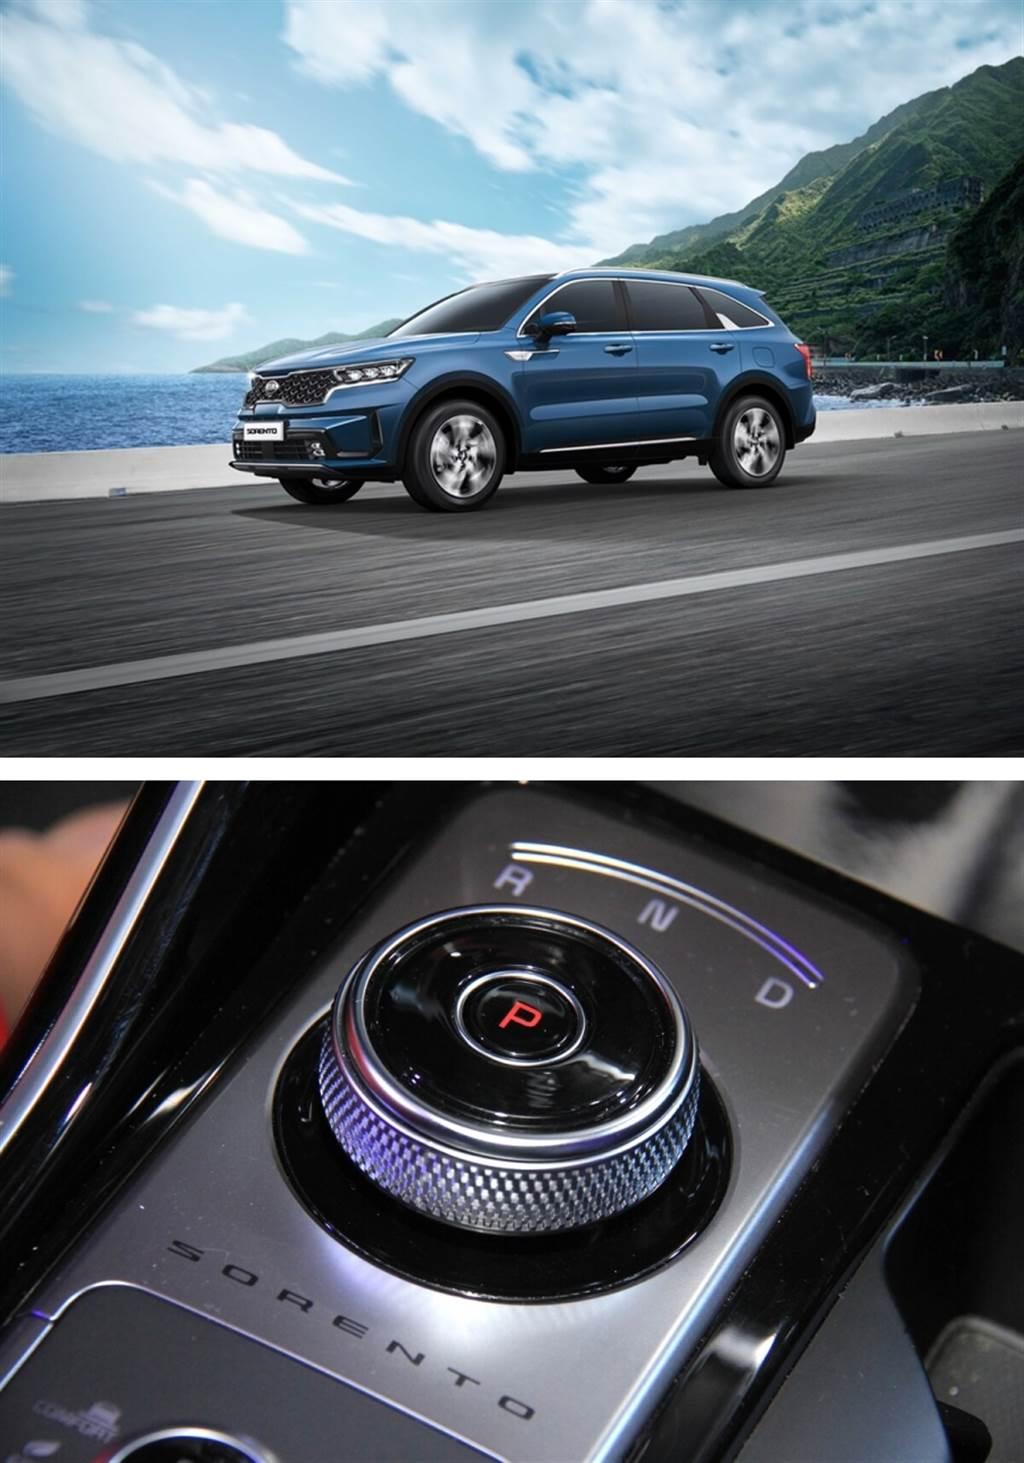 旋鈕式換檔為六人座專屬,七人座車型為傳統的直立式排檔桿。